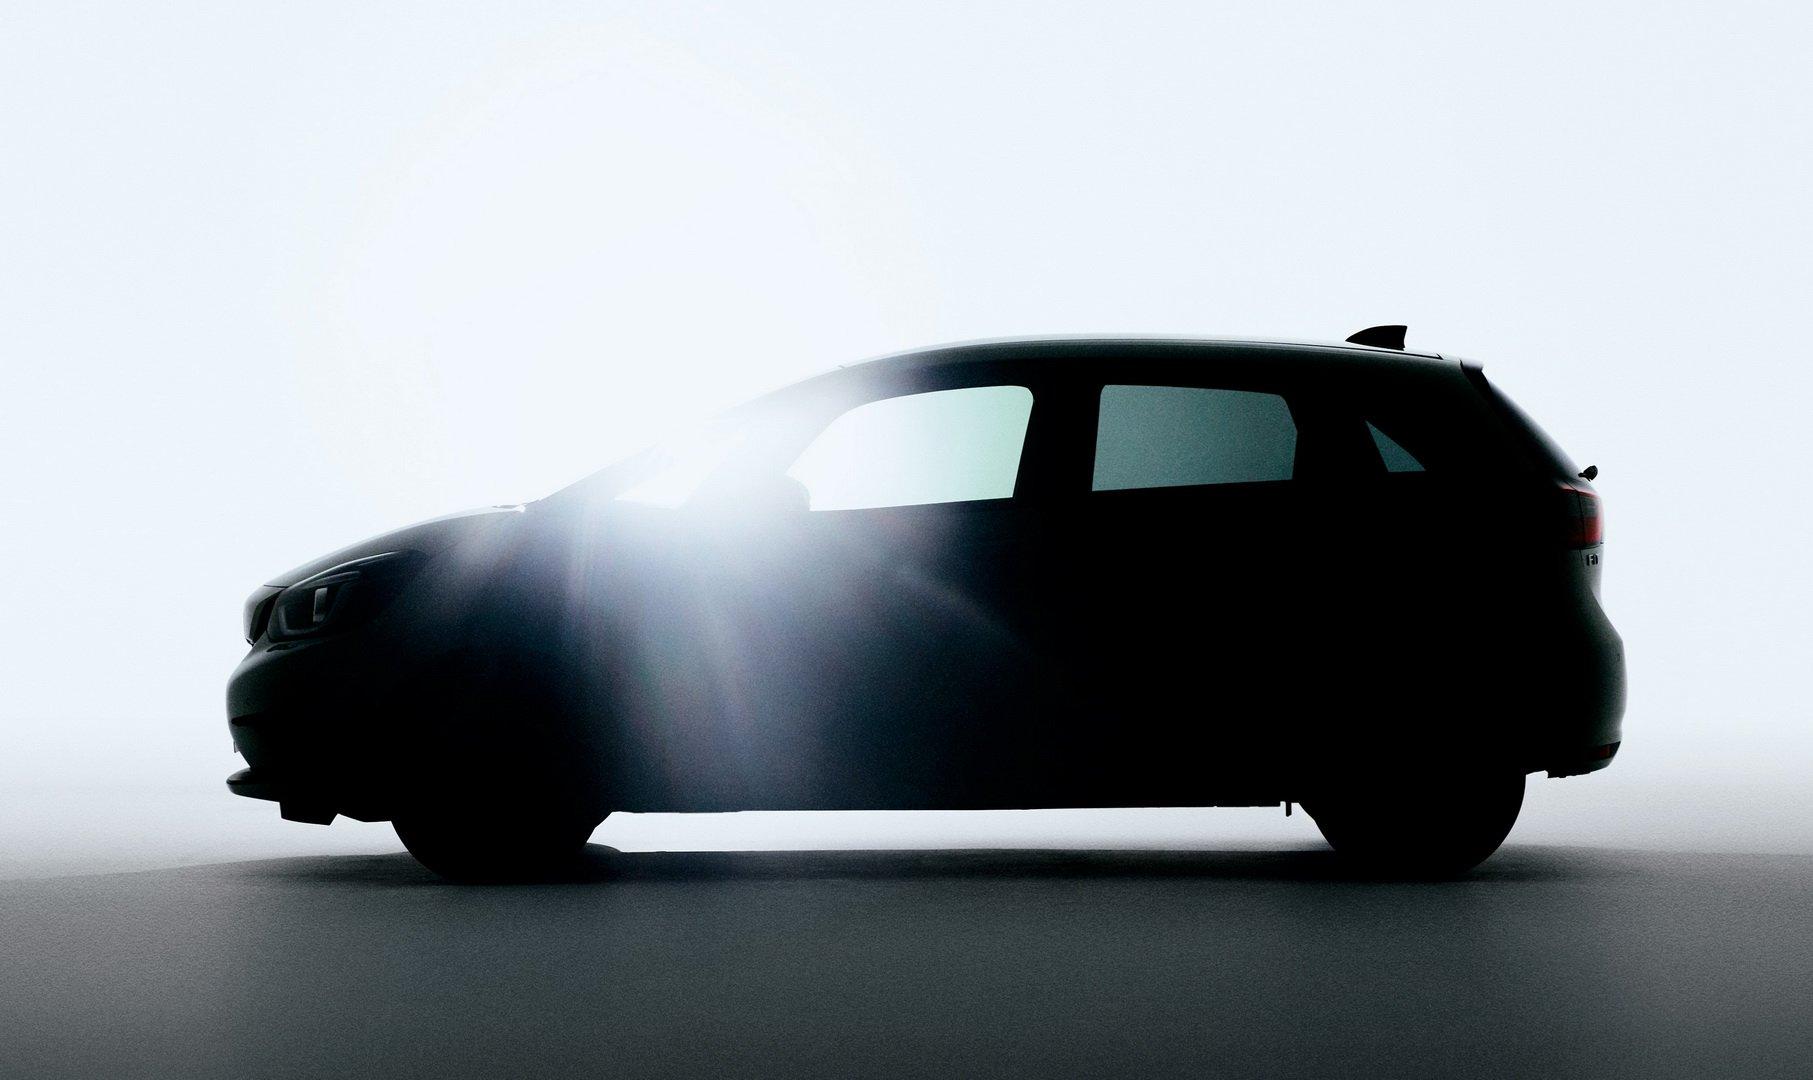 ホンダ「フィット」がフルモデルチェンジ!新型の発売開始は2019年12月か?